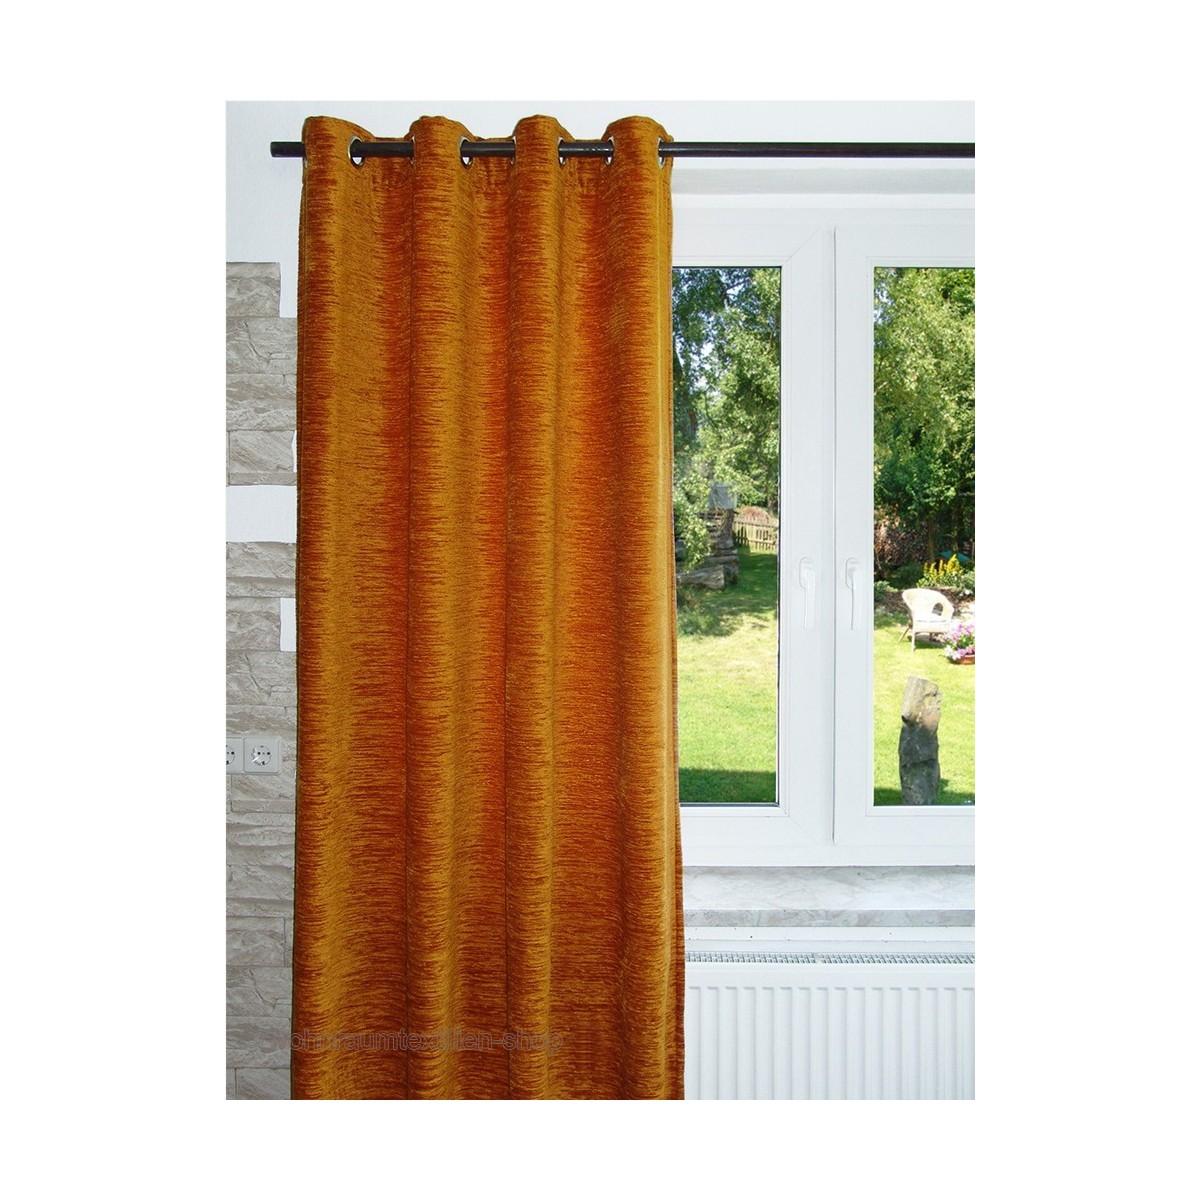 thermo vorhang tr best chenille trvorhang silber. Black Bedroom Furniture Sets. Home Design Ideas